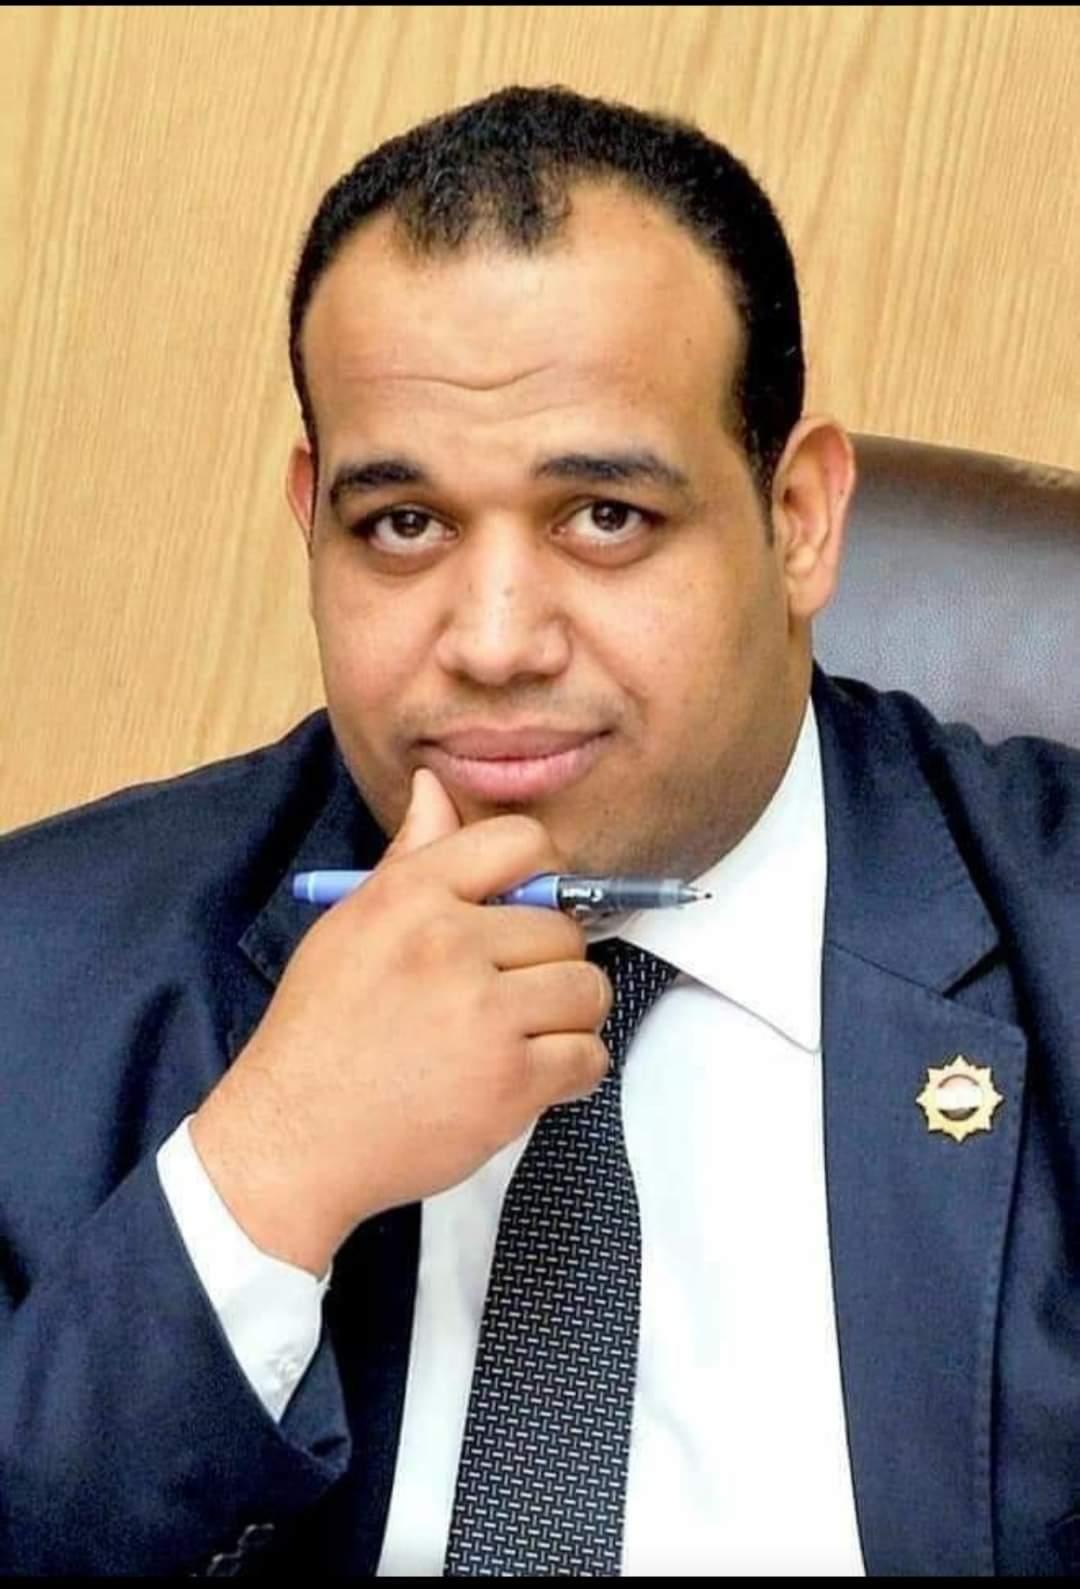 مؤسسة الخبر الفوري تتقدم بالتهنئة إلى الكاتب الصحفى محمد كمال بمناسبة عيد ميلاده